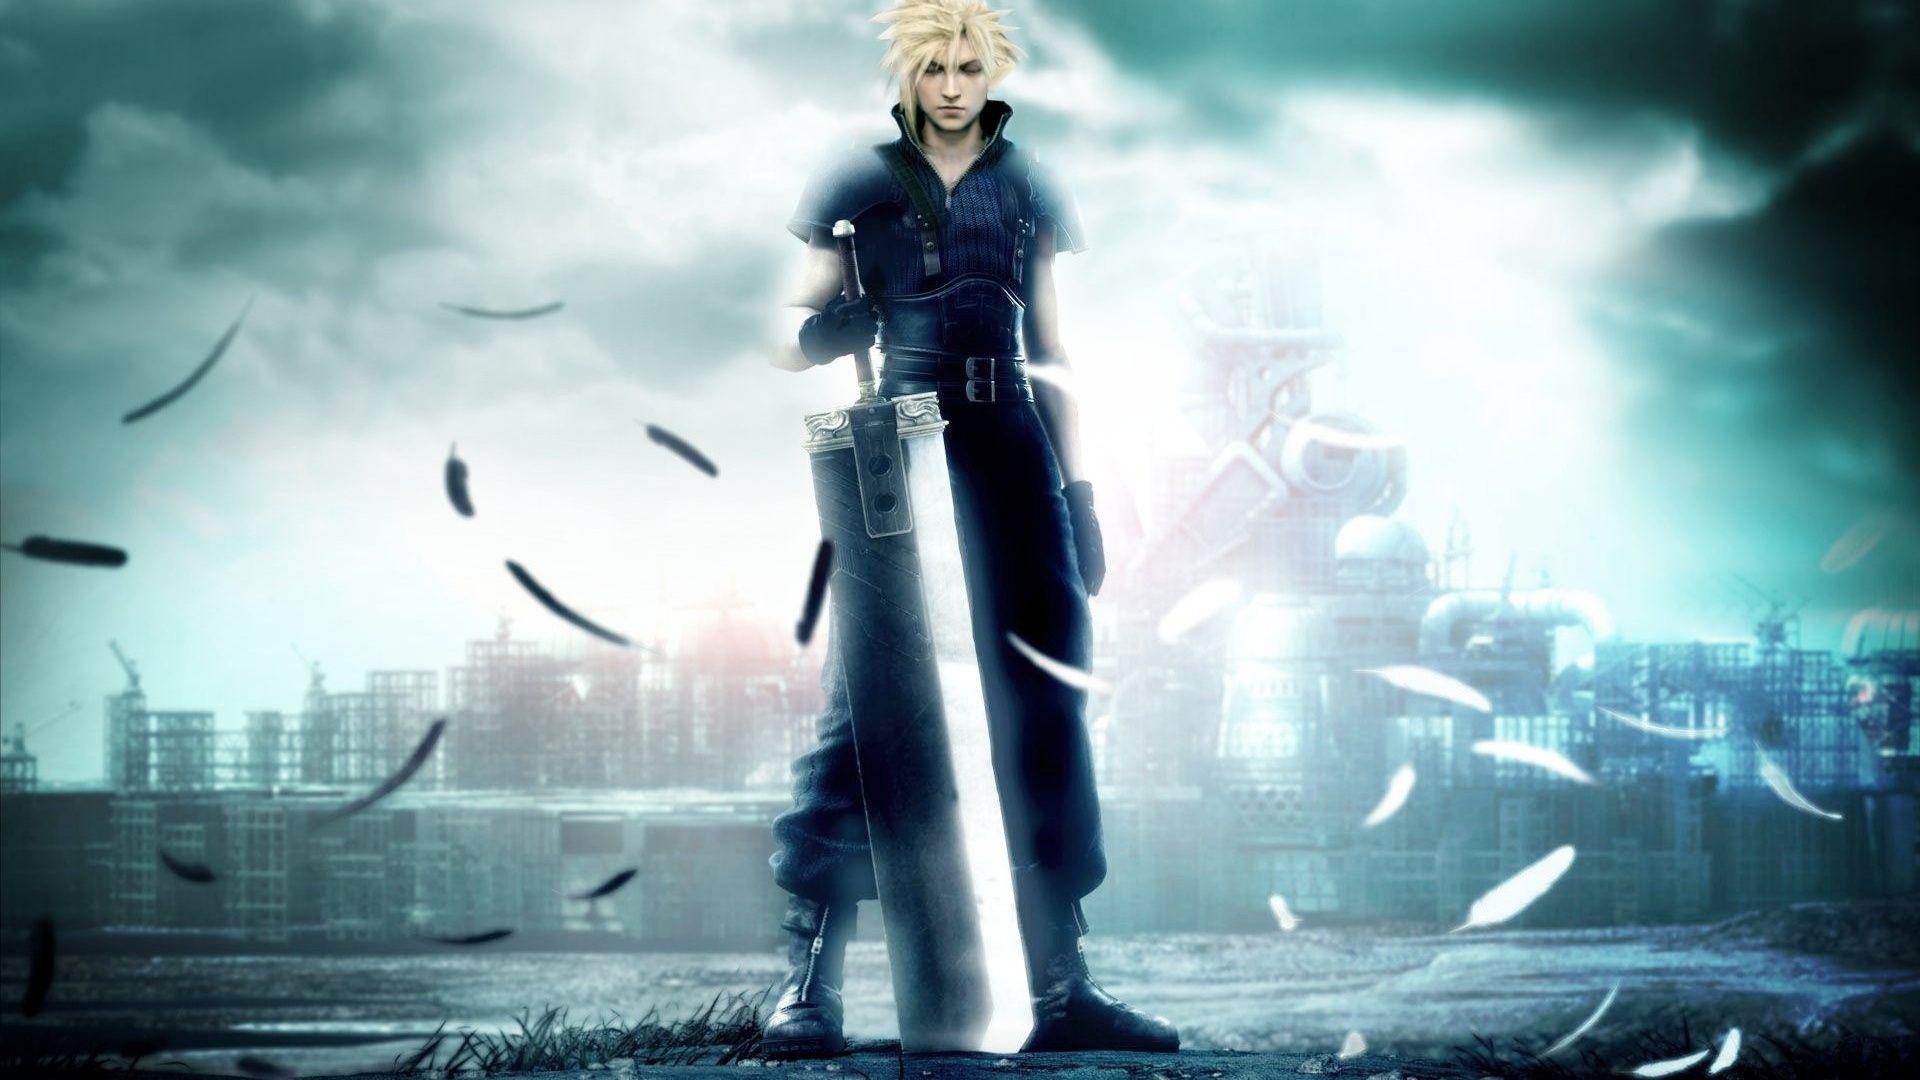 Final Fantasy 7 Advent Children